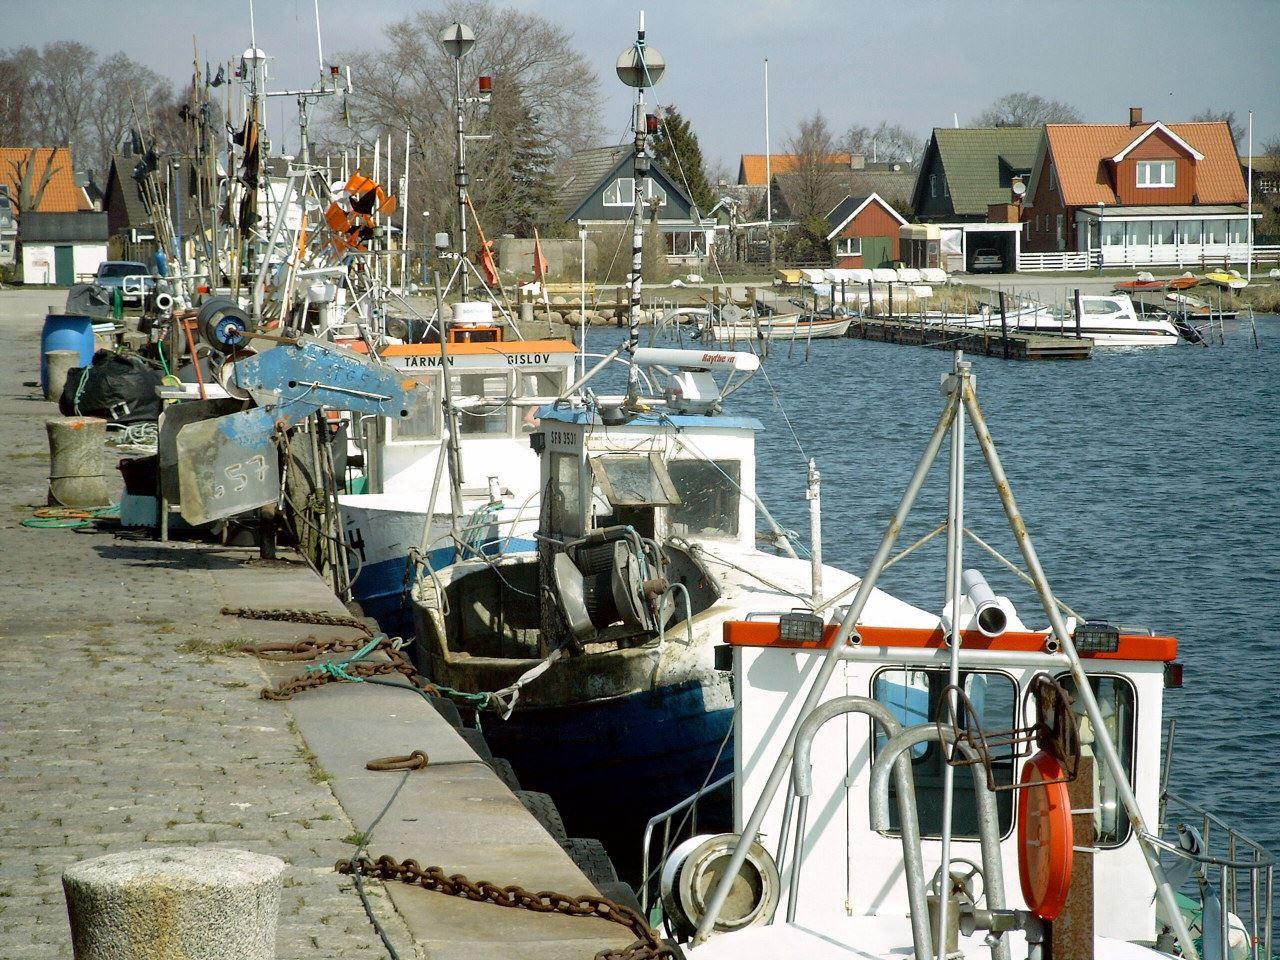 Gislövs Gästhamn